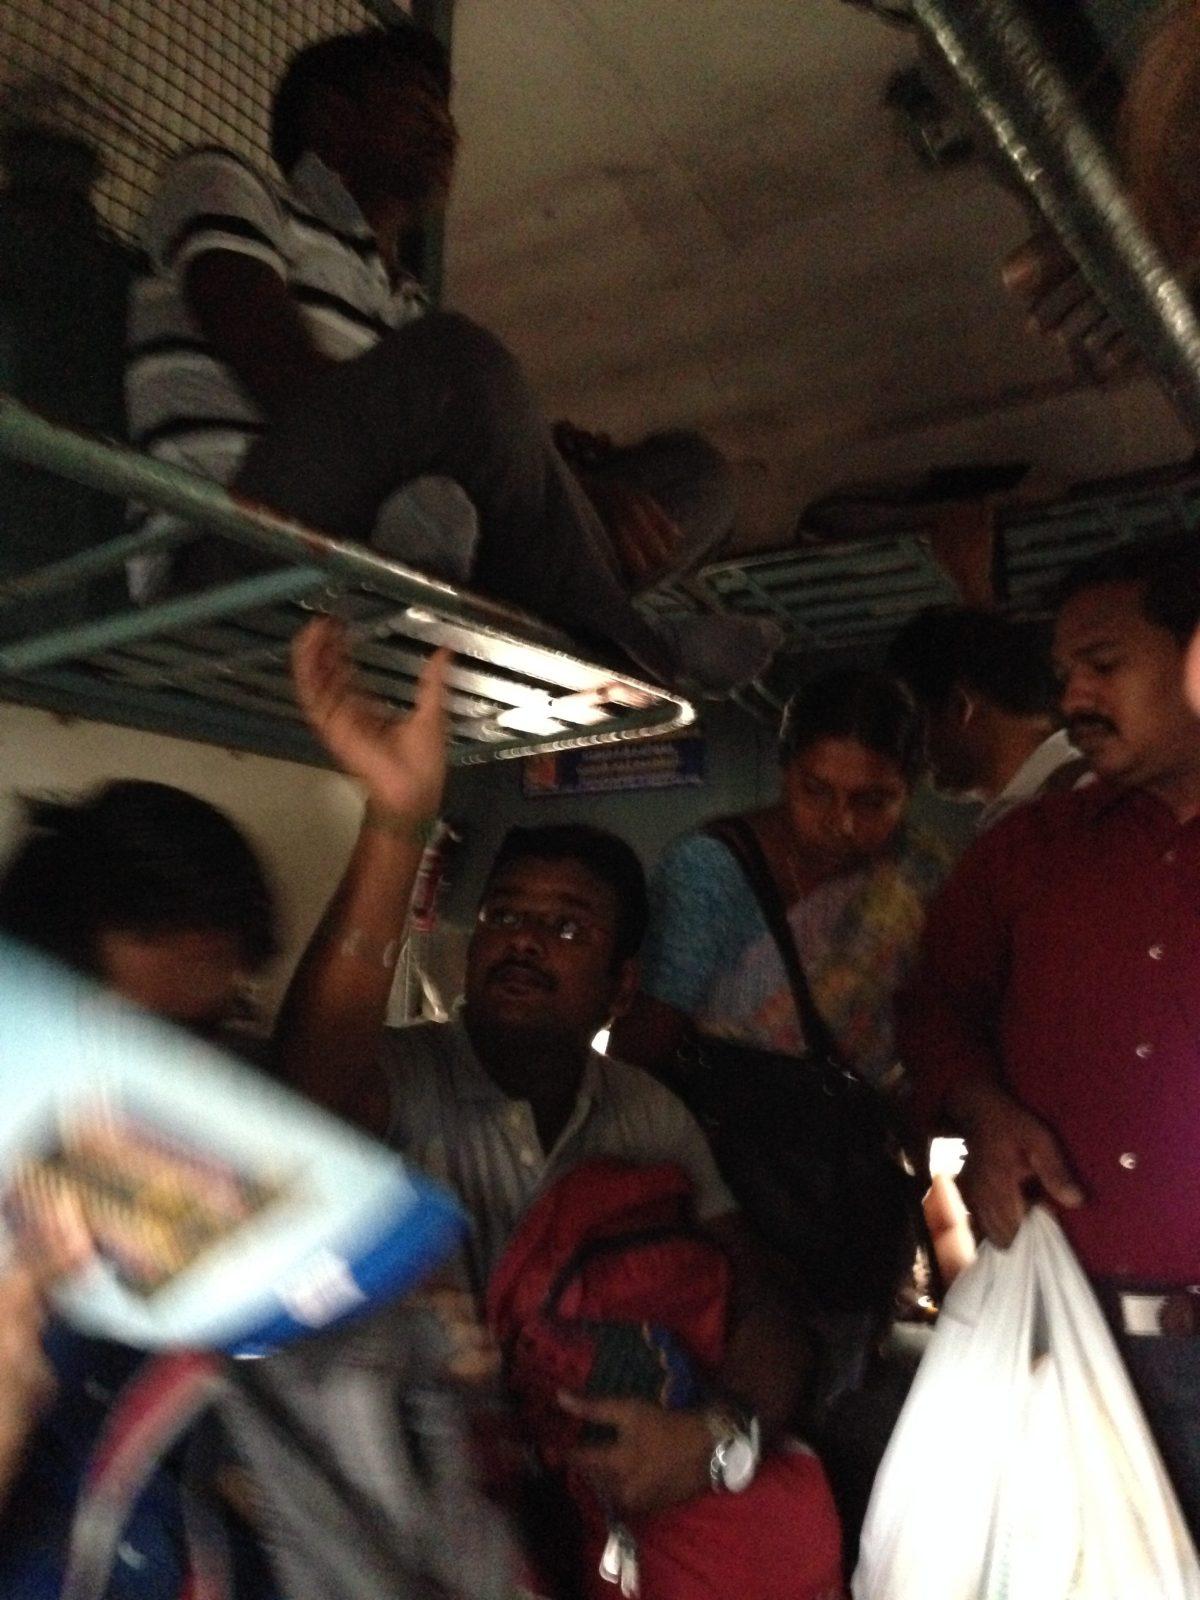 Pondicherry India Tourism: People on the Train from Chennai to Pondicherry